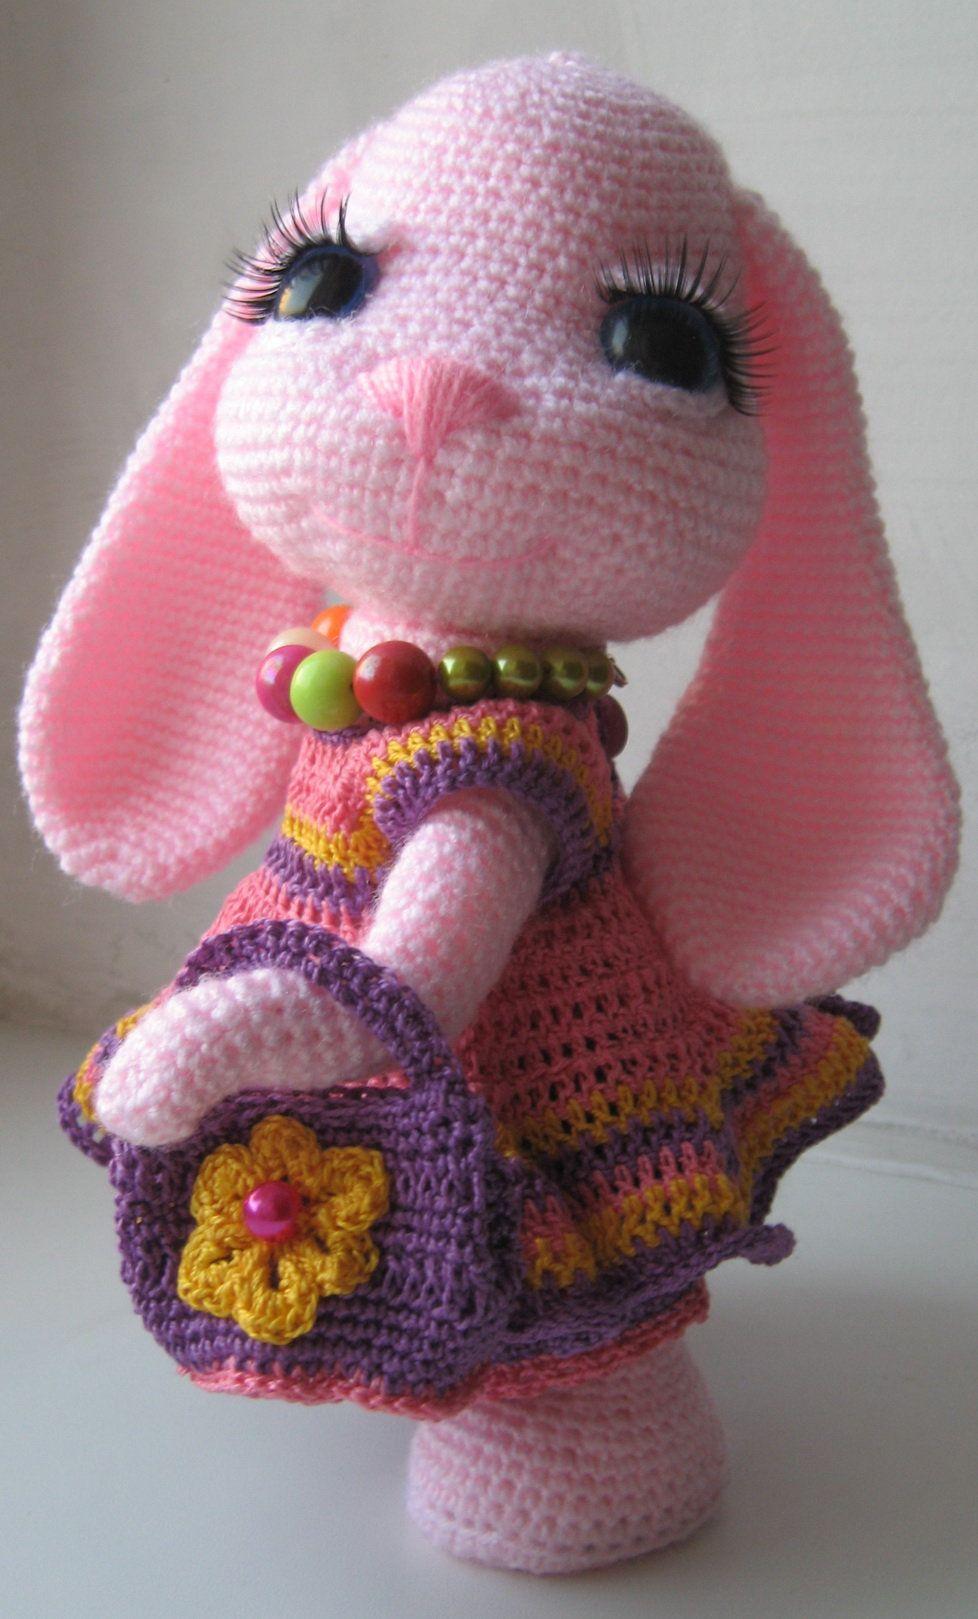 PATTERN: Bunny Sunny crochet pattern